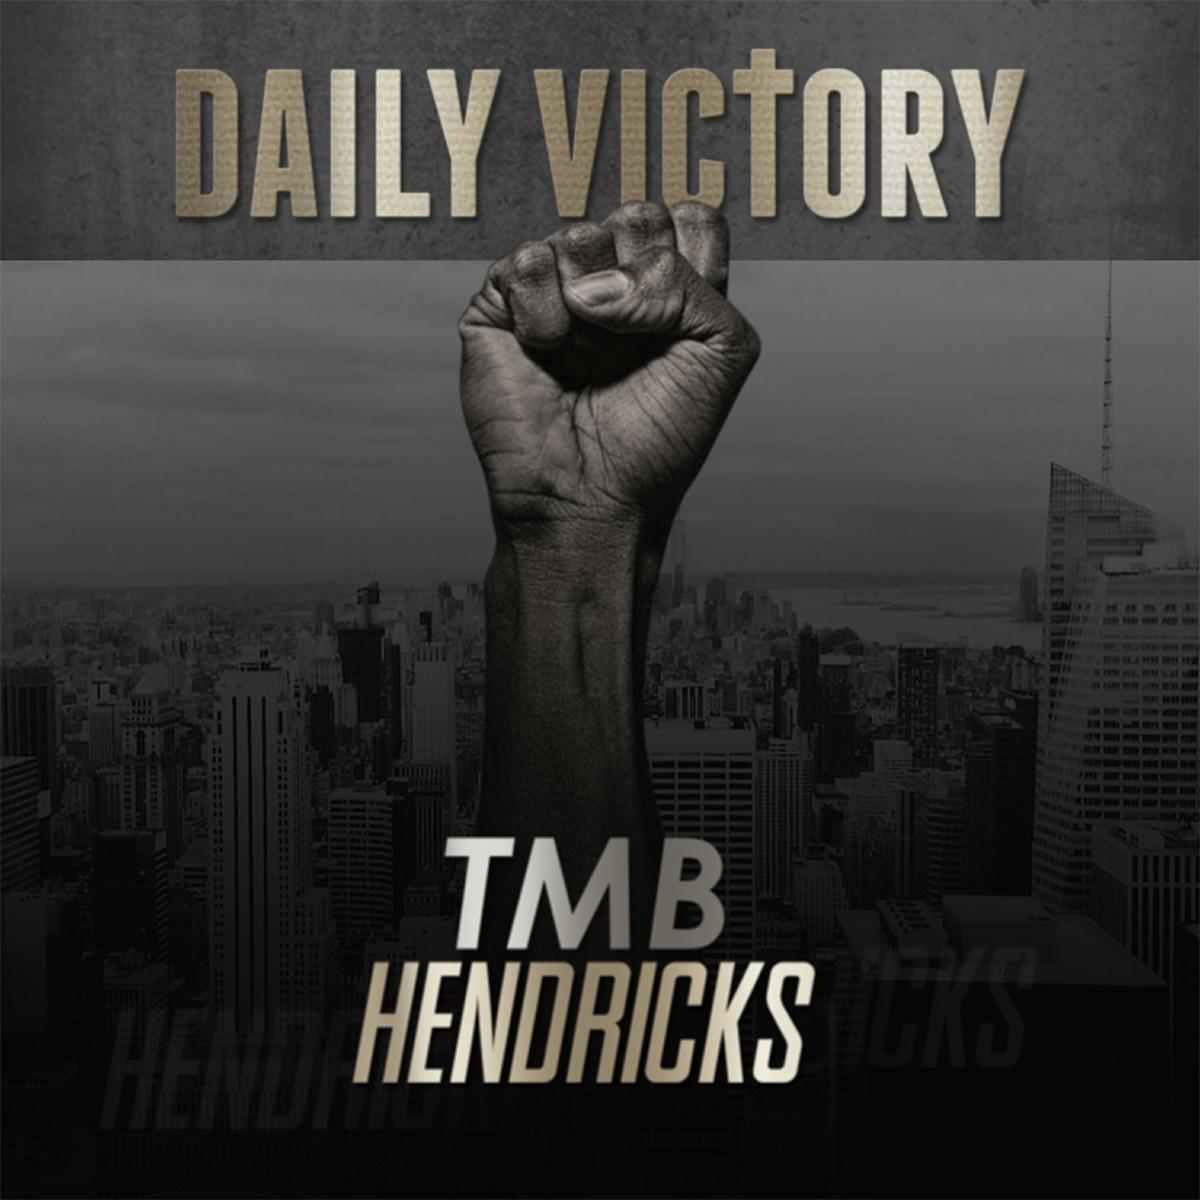 TMB Hendricks - Daily Victory (Prod. Vinny)